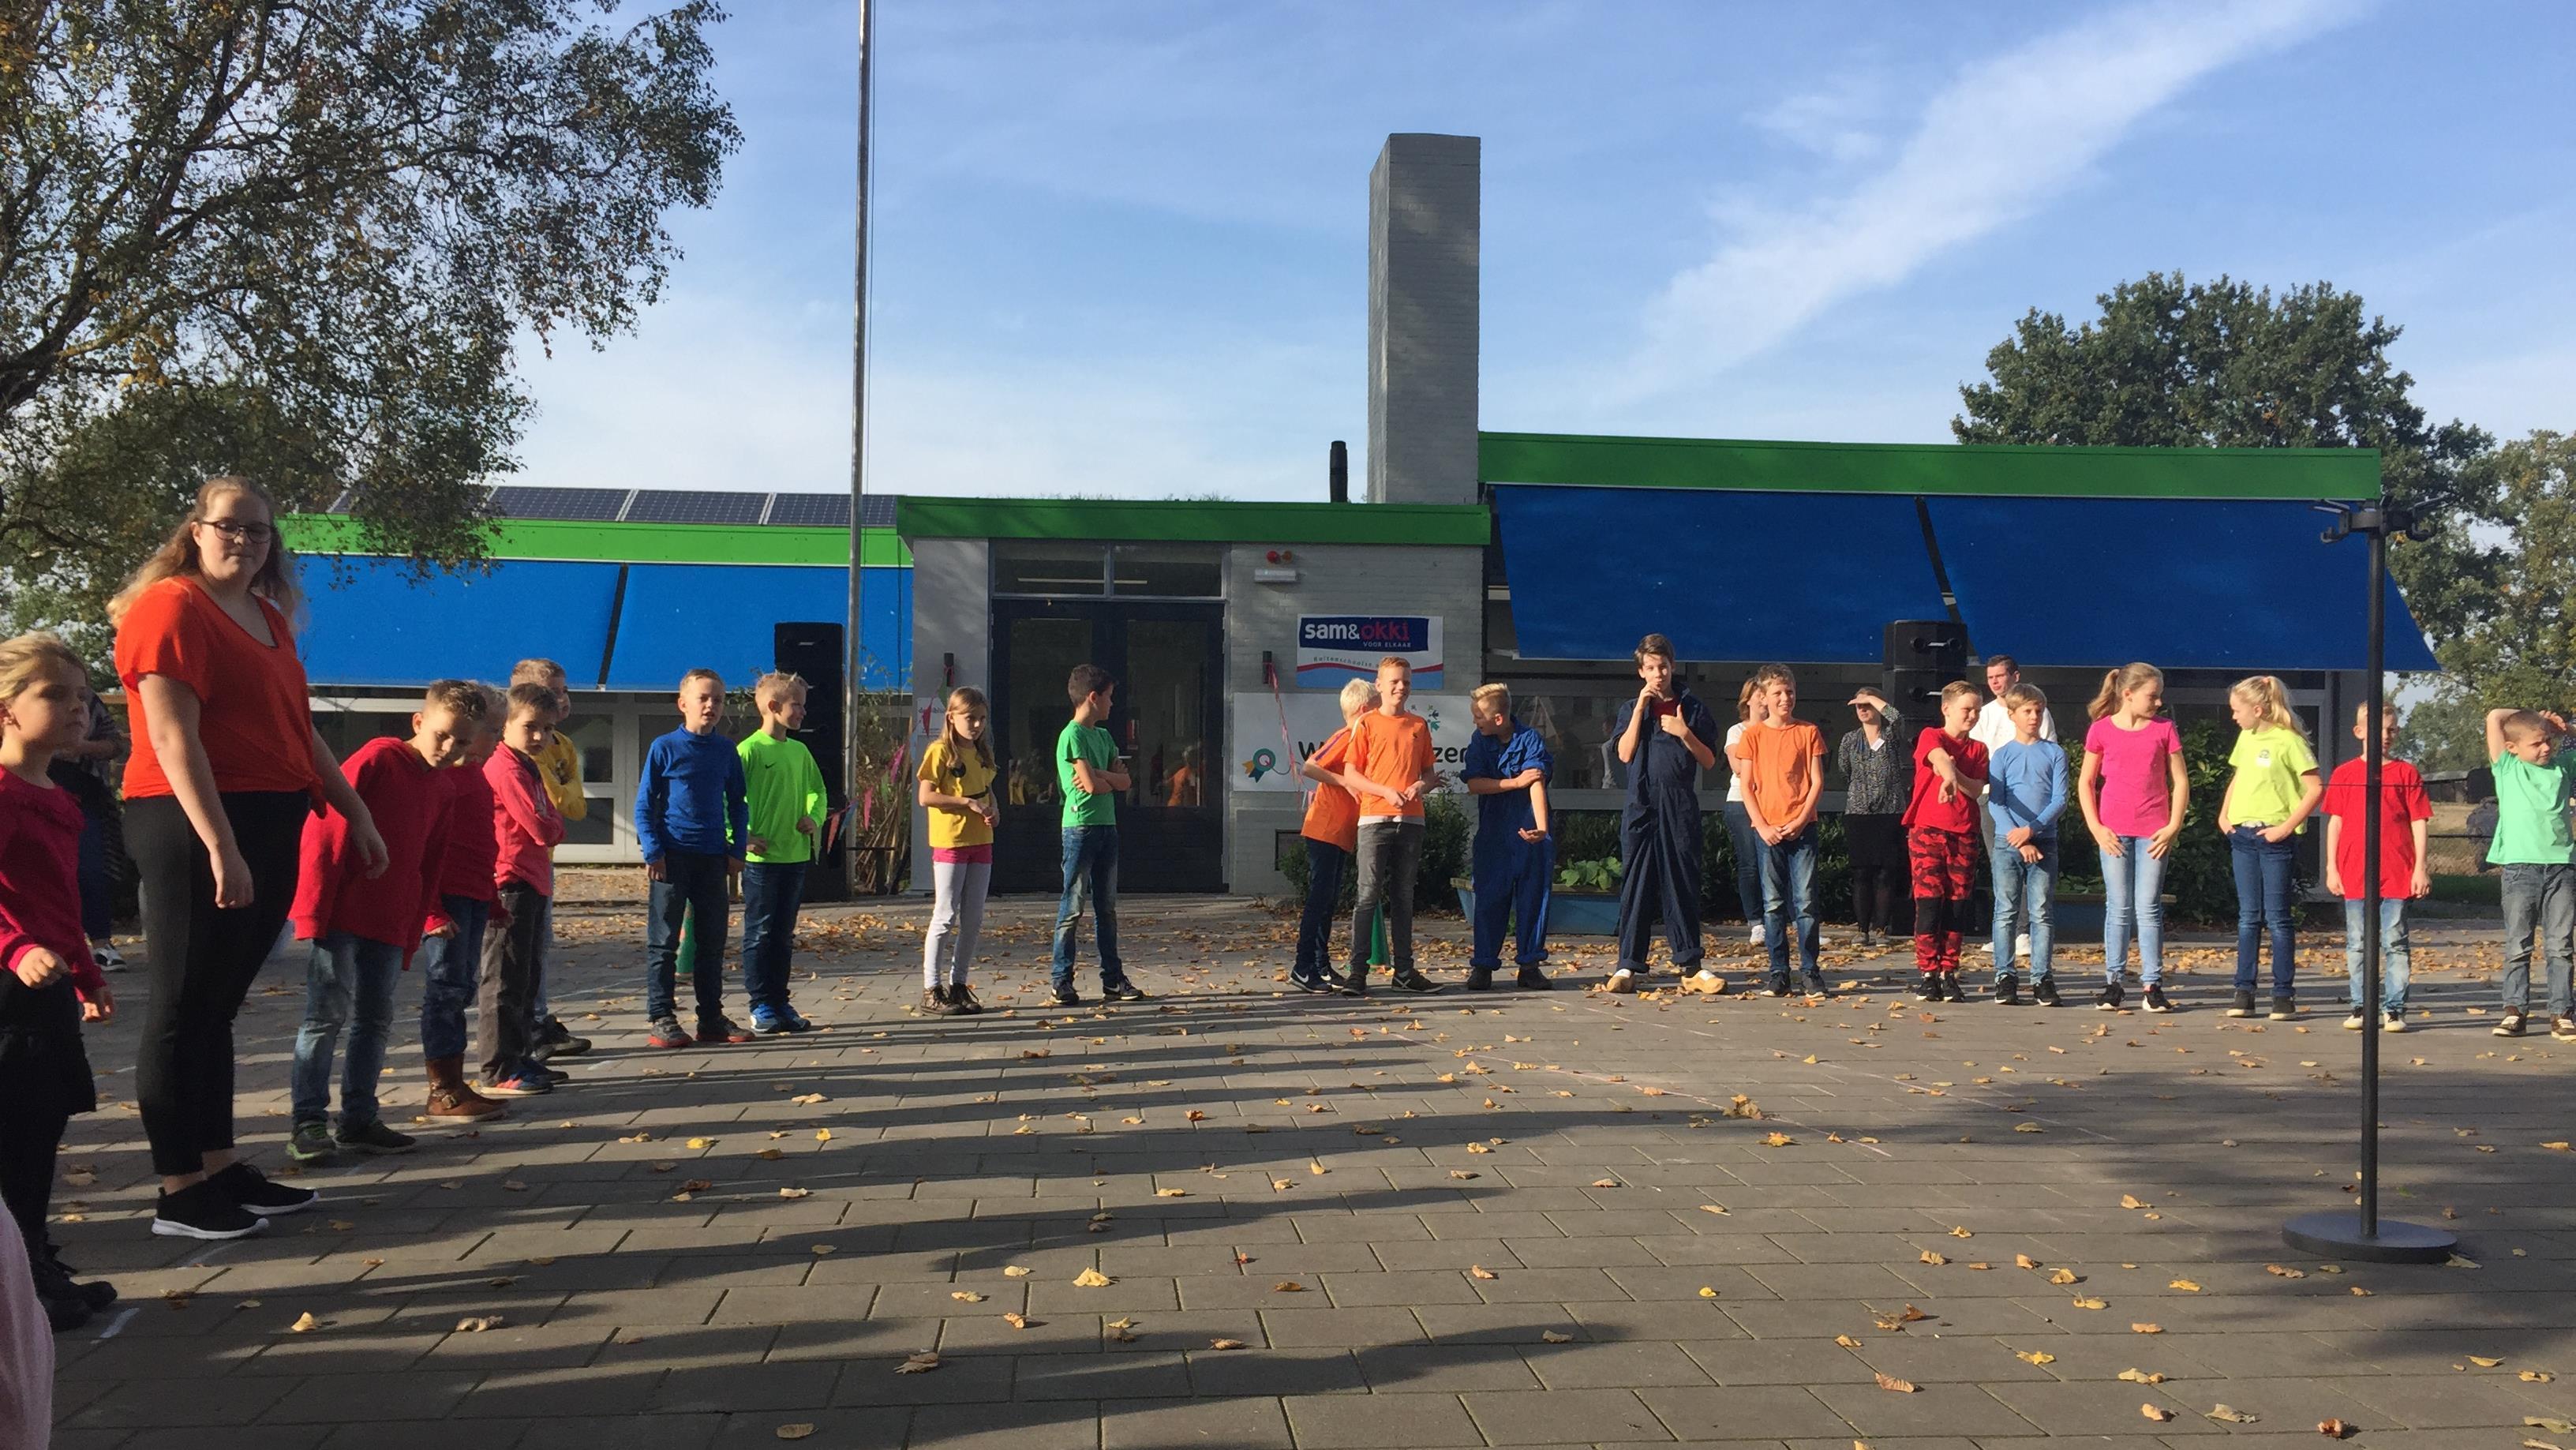 Basisschool Okkenbroek heropend na jarenlang soebatten met gemeente Deventer